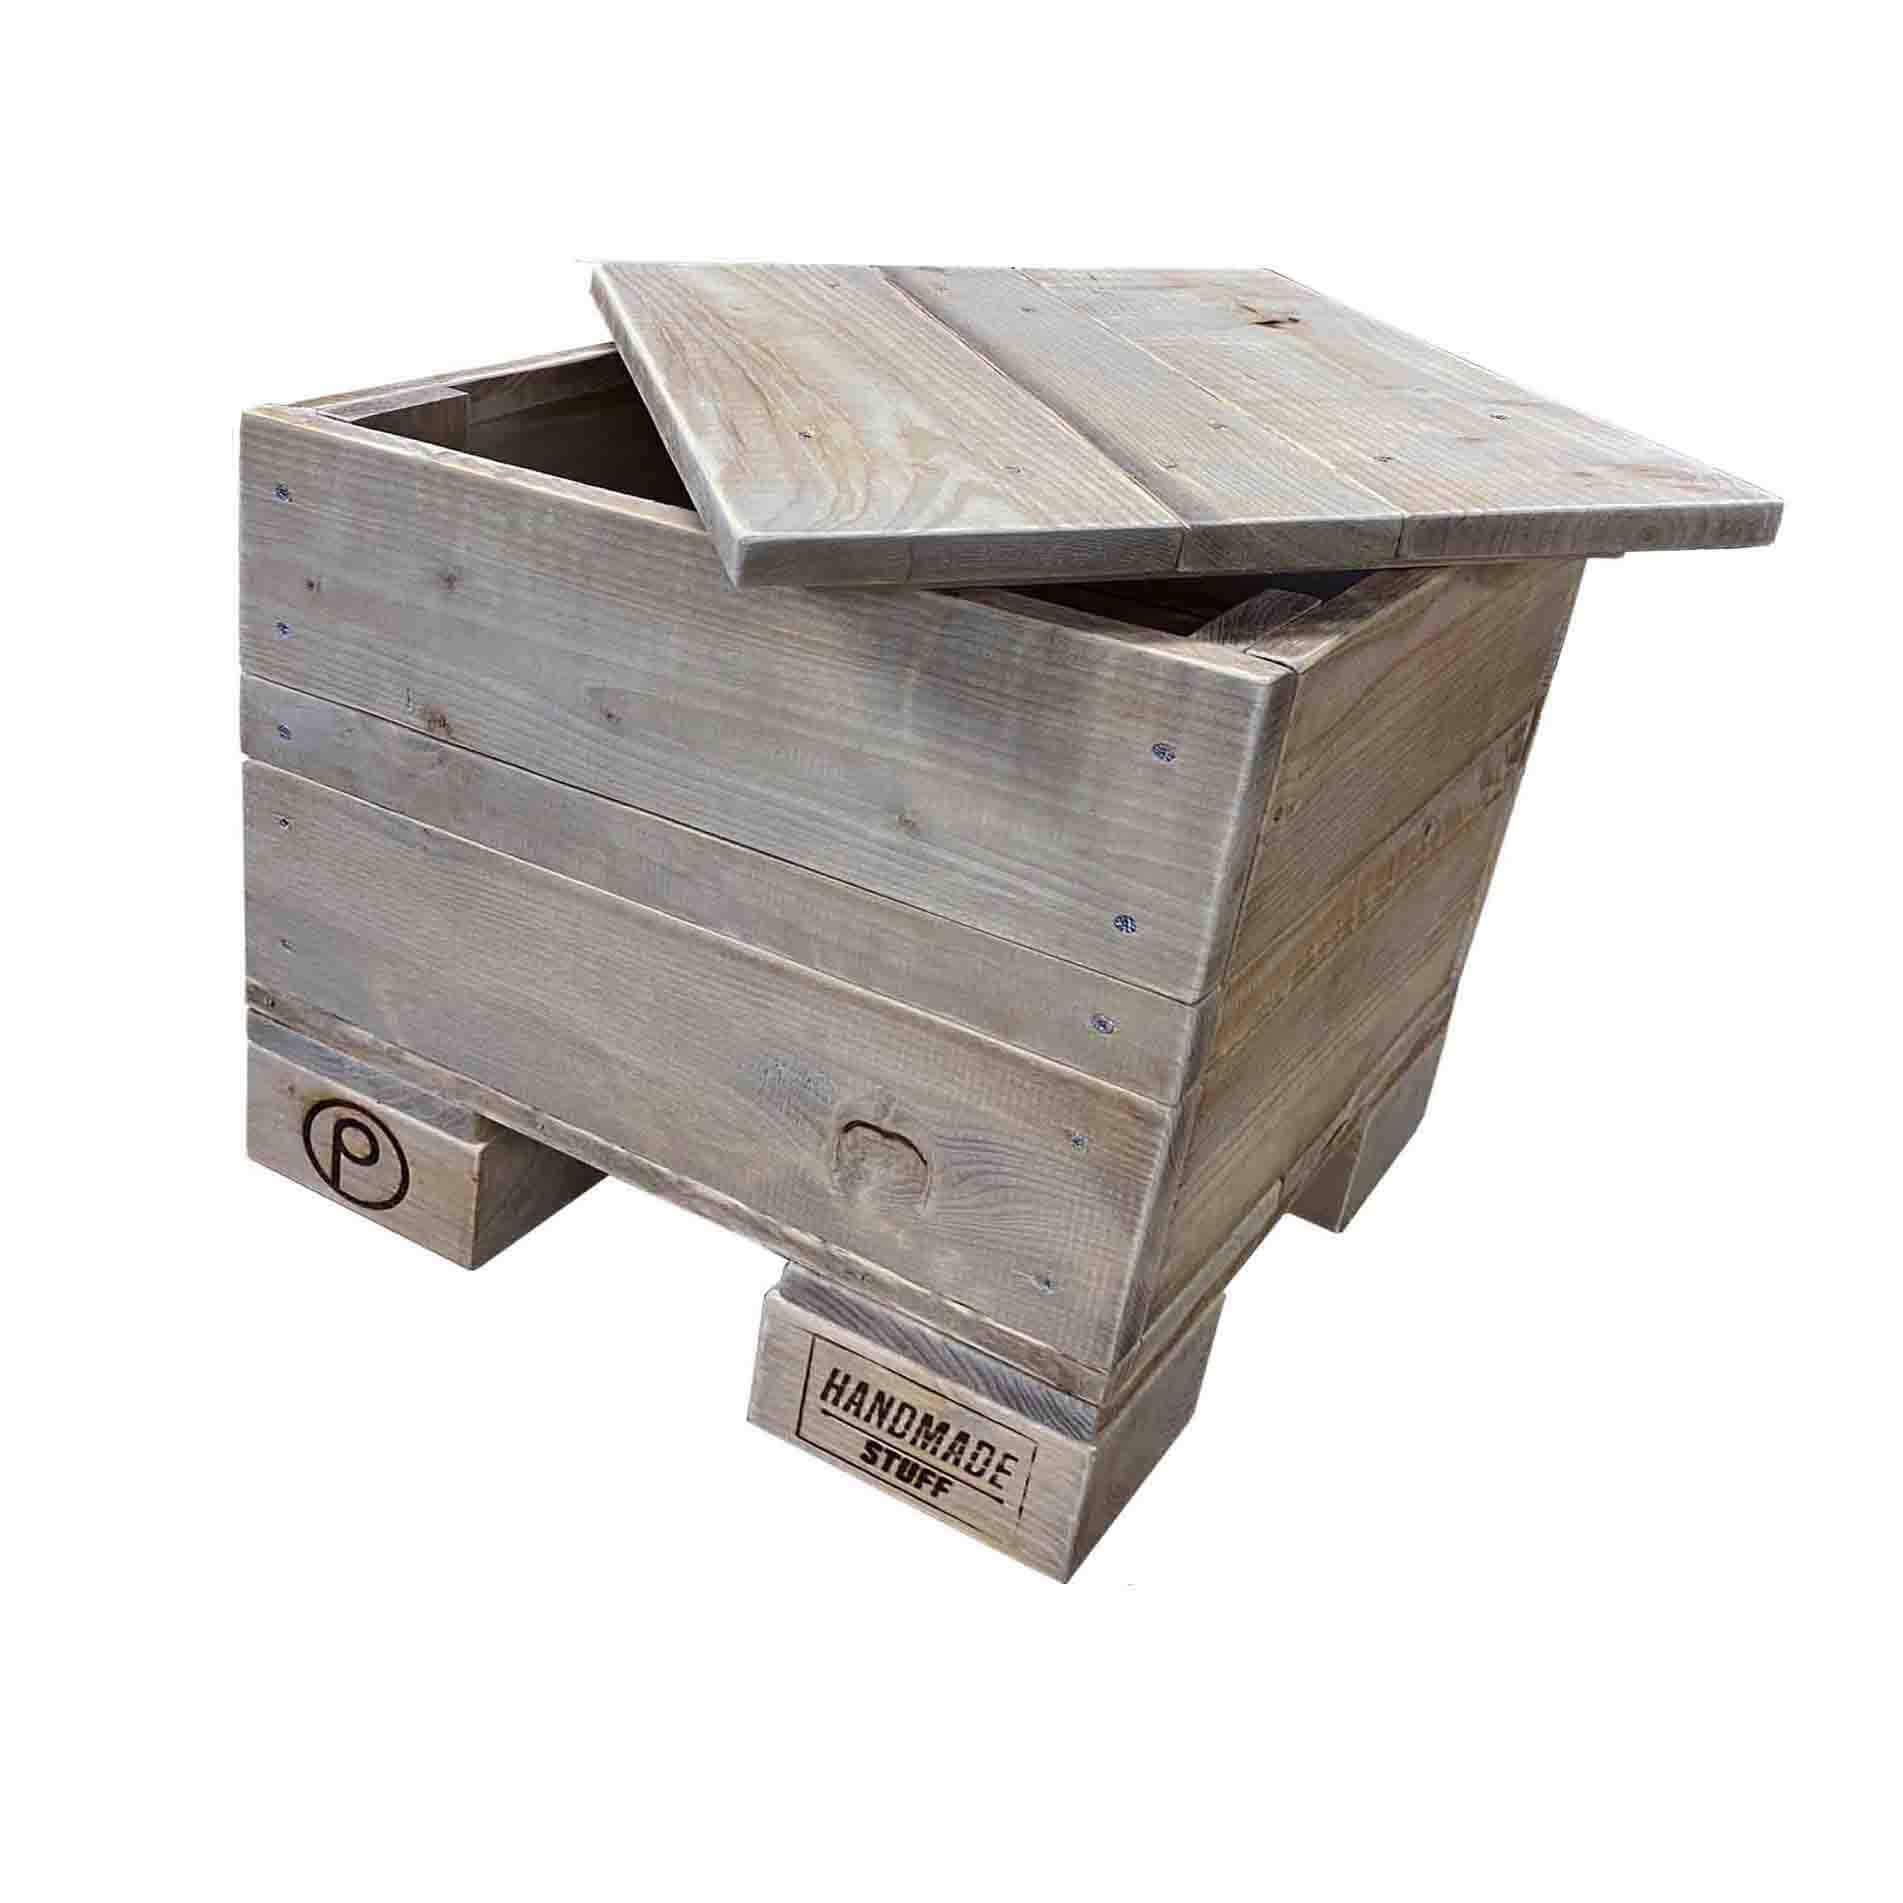 ᐅ Hocker Cube Aus Paletten Saris Garage Palettenmobel Shop